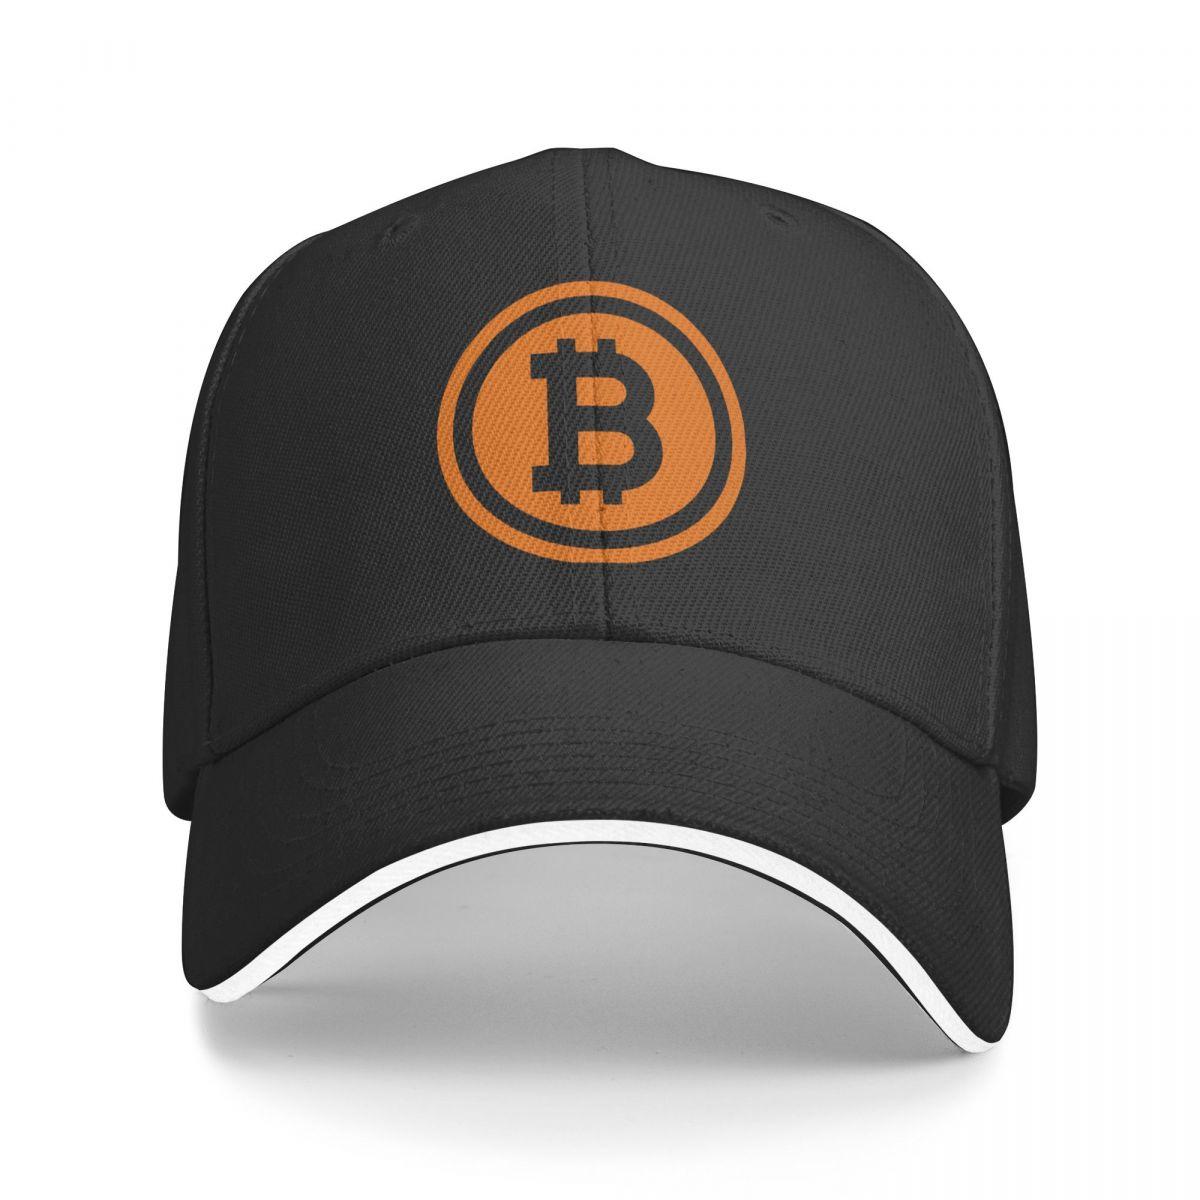 Бейсболка мужская с логотипом биткоина, модные кепки с логотипом, шапка для мужчин, кепка для отца